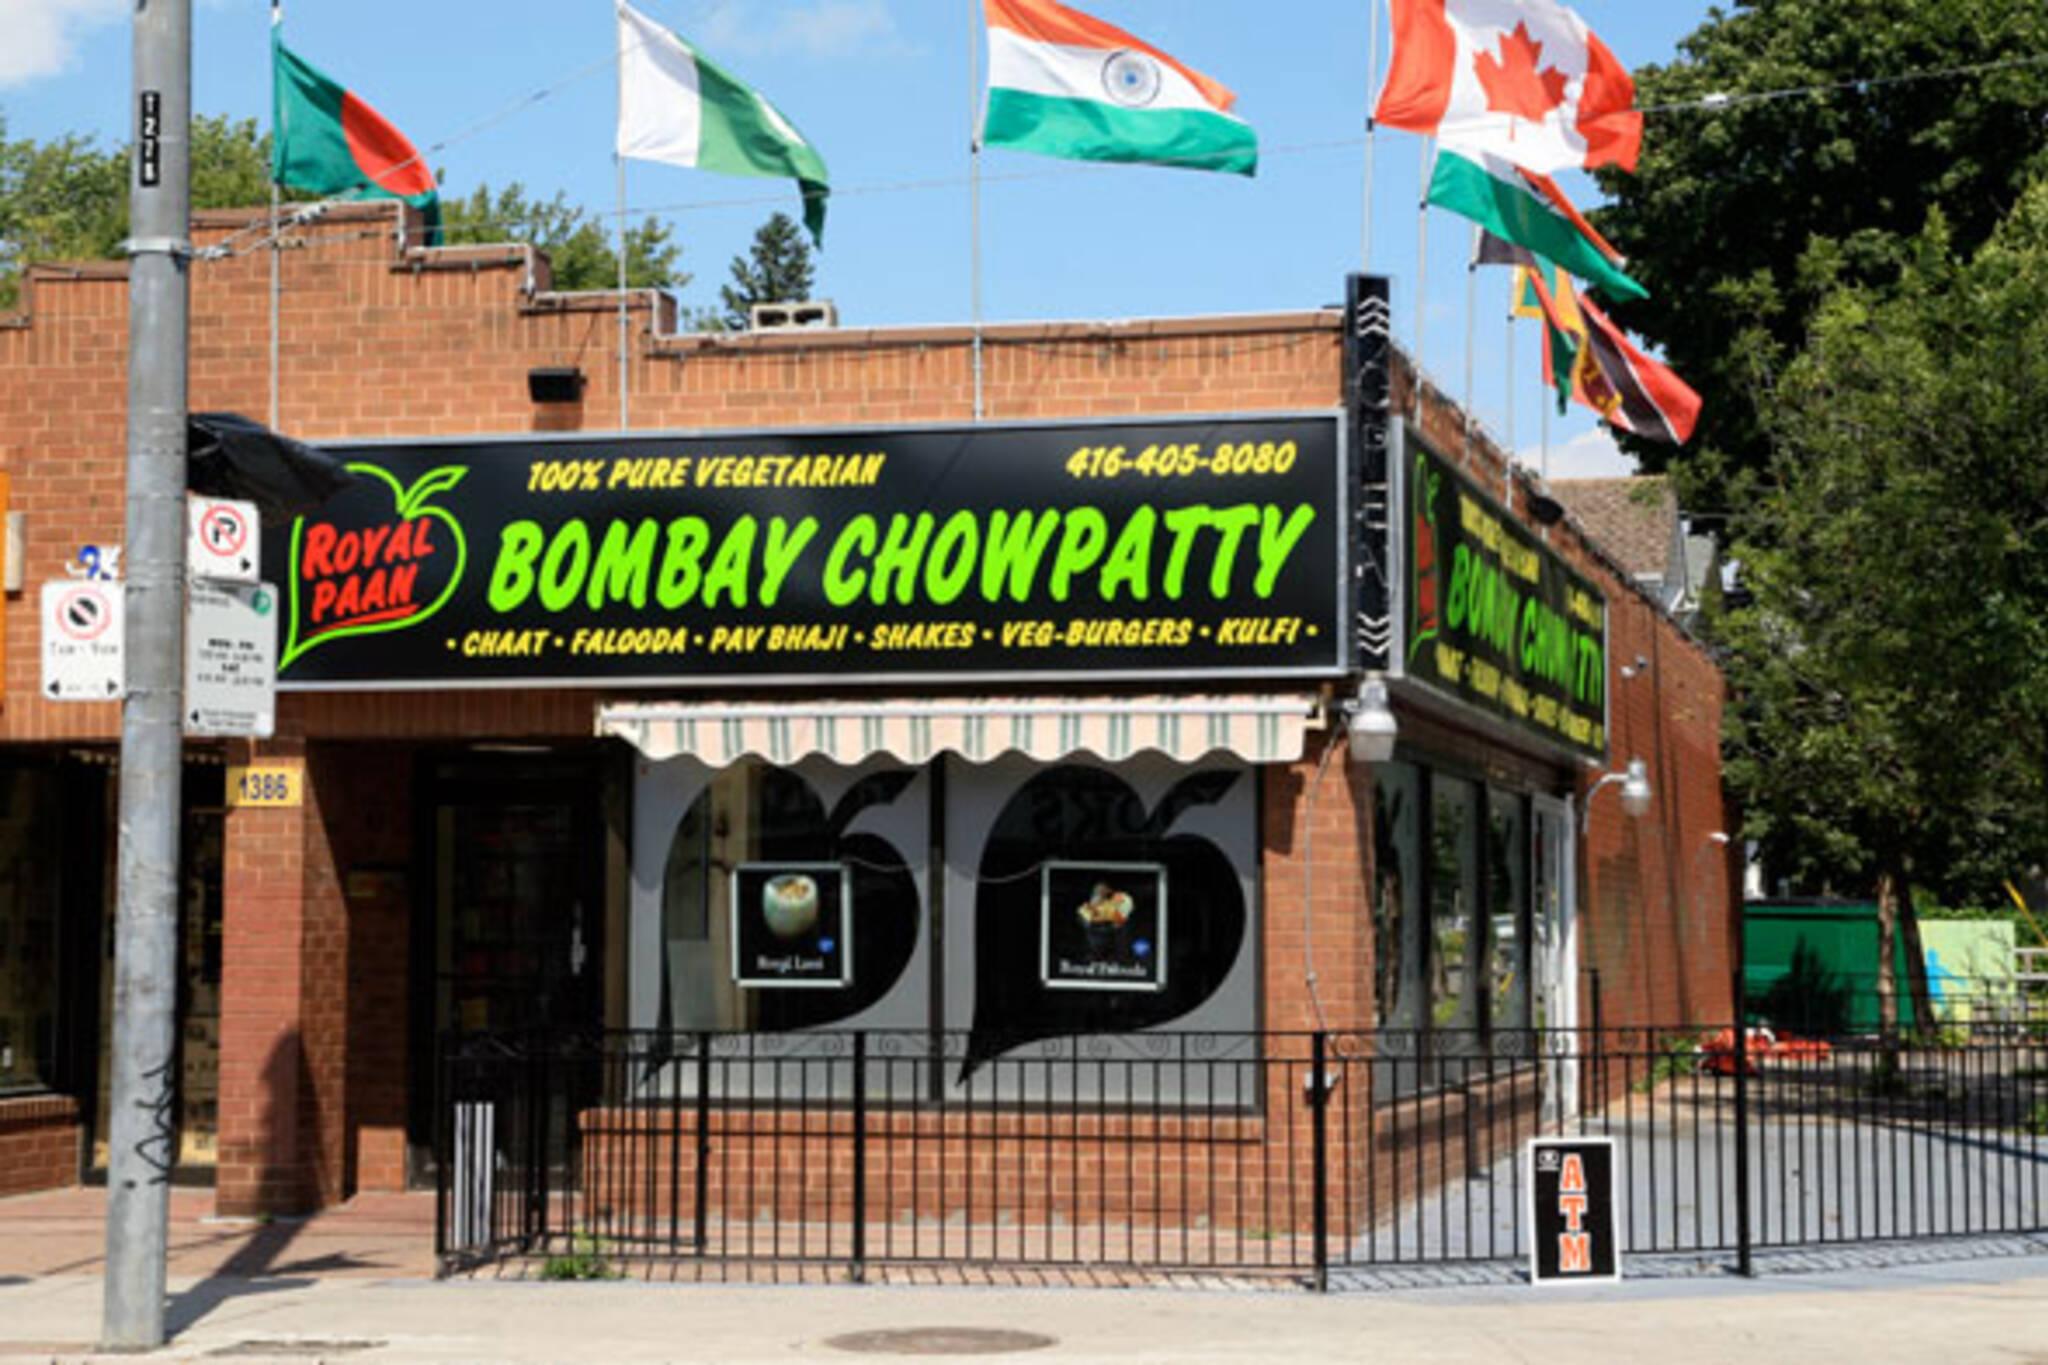 Bombay Chowpatty Toronto